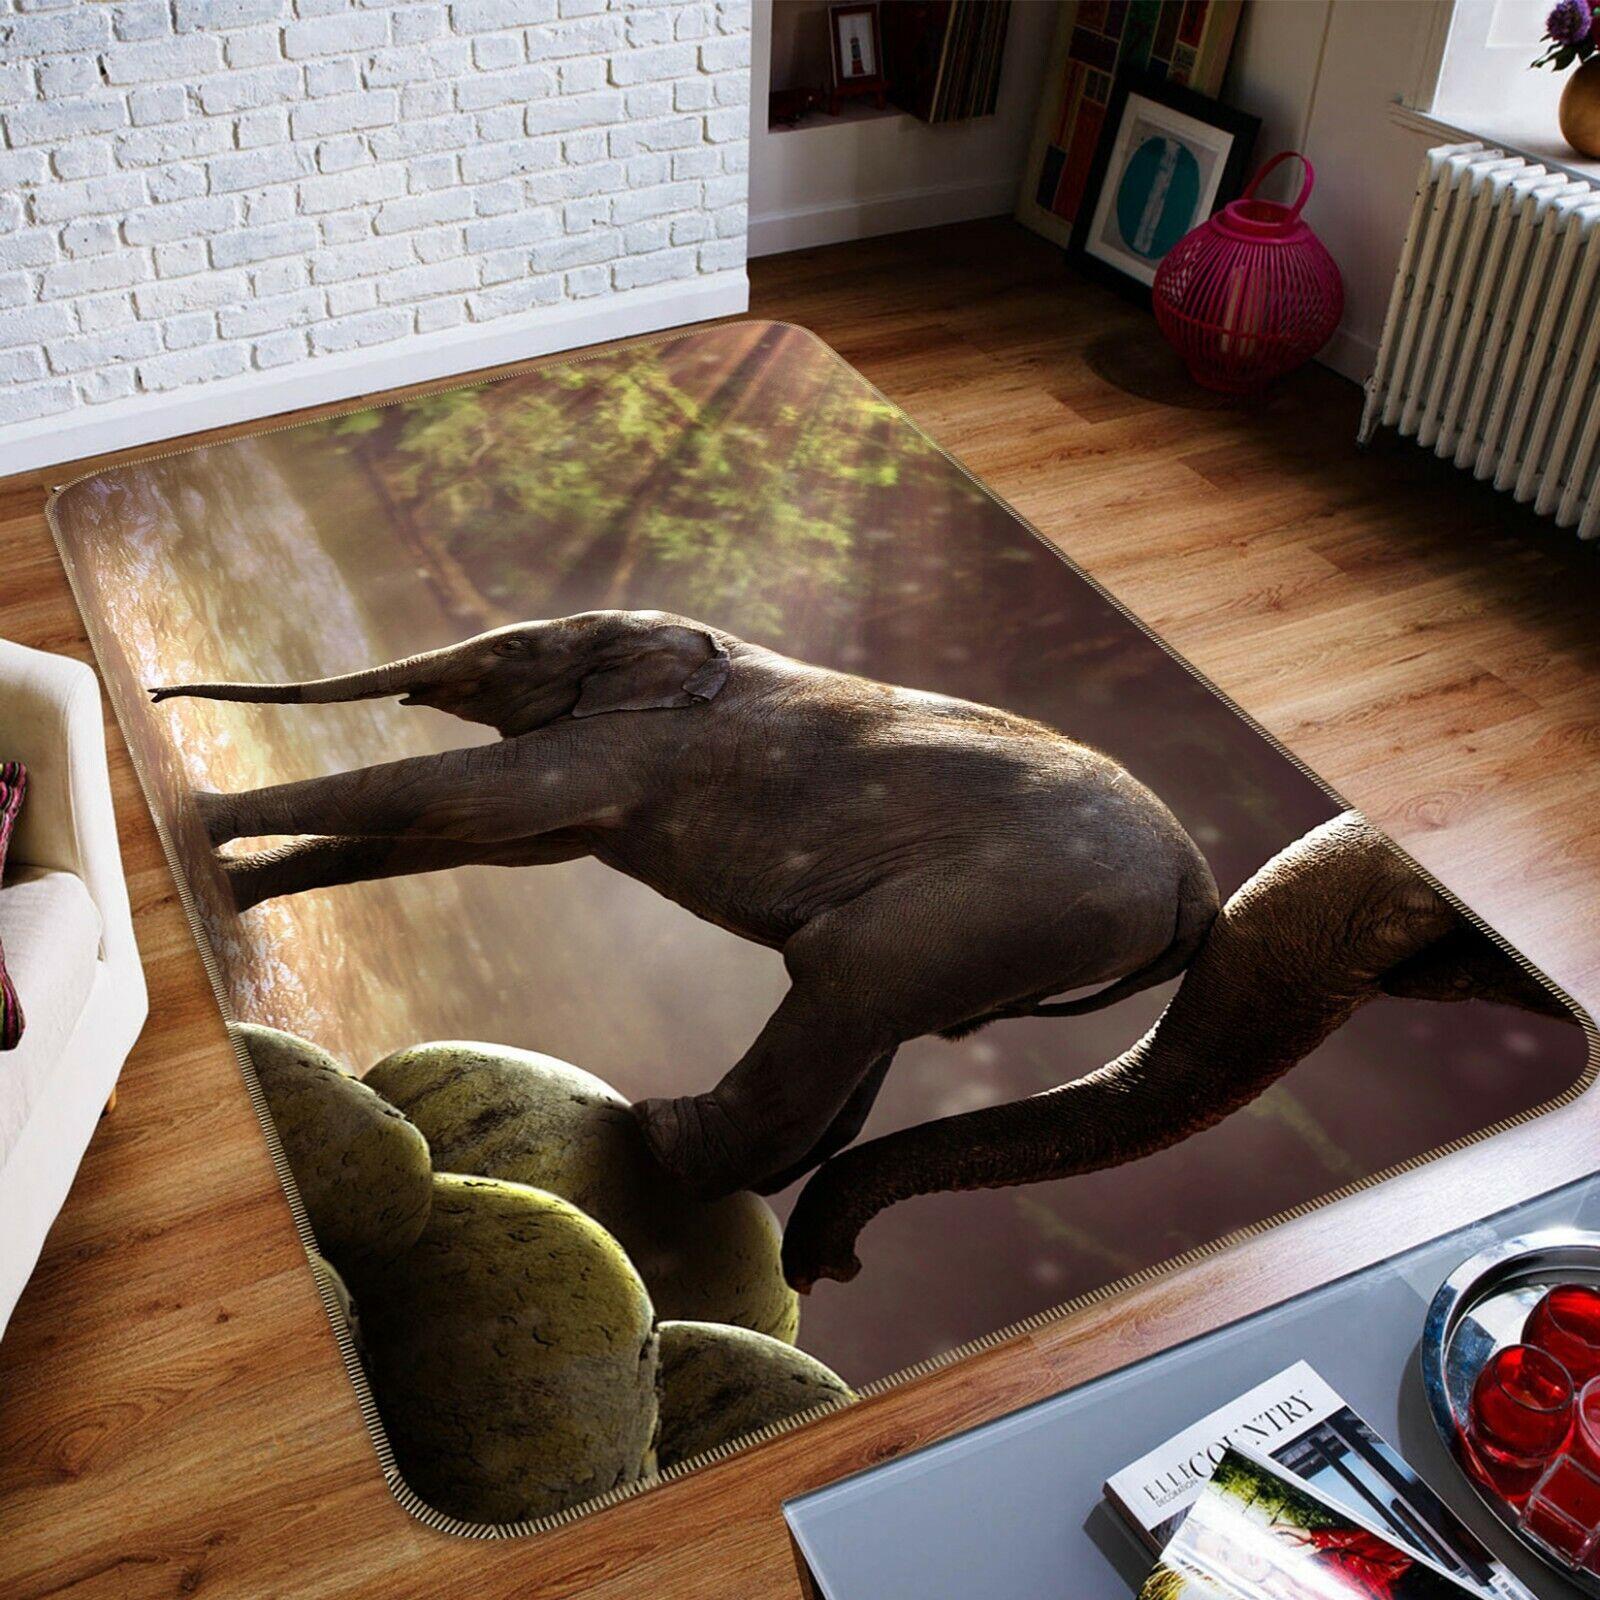 3d elefante río a041 animal juego antideslizante maletero elegante foto alfombra Wendy